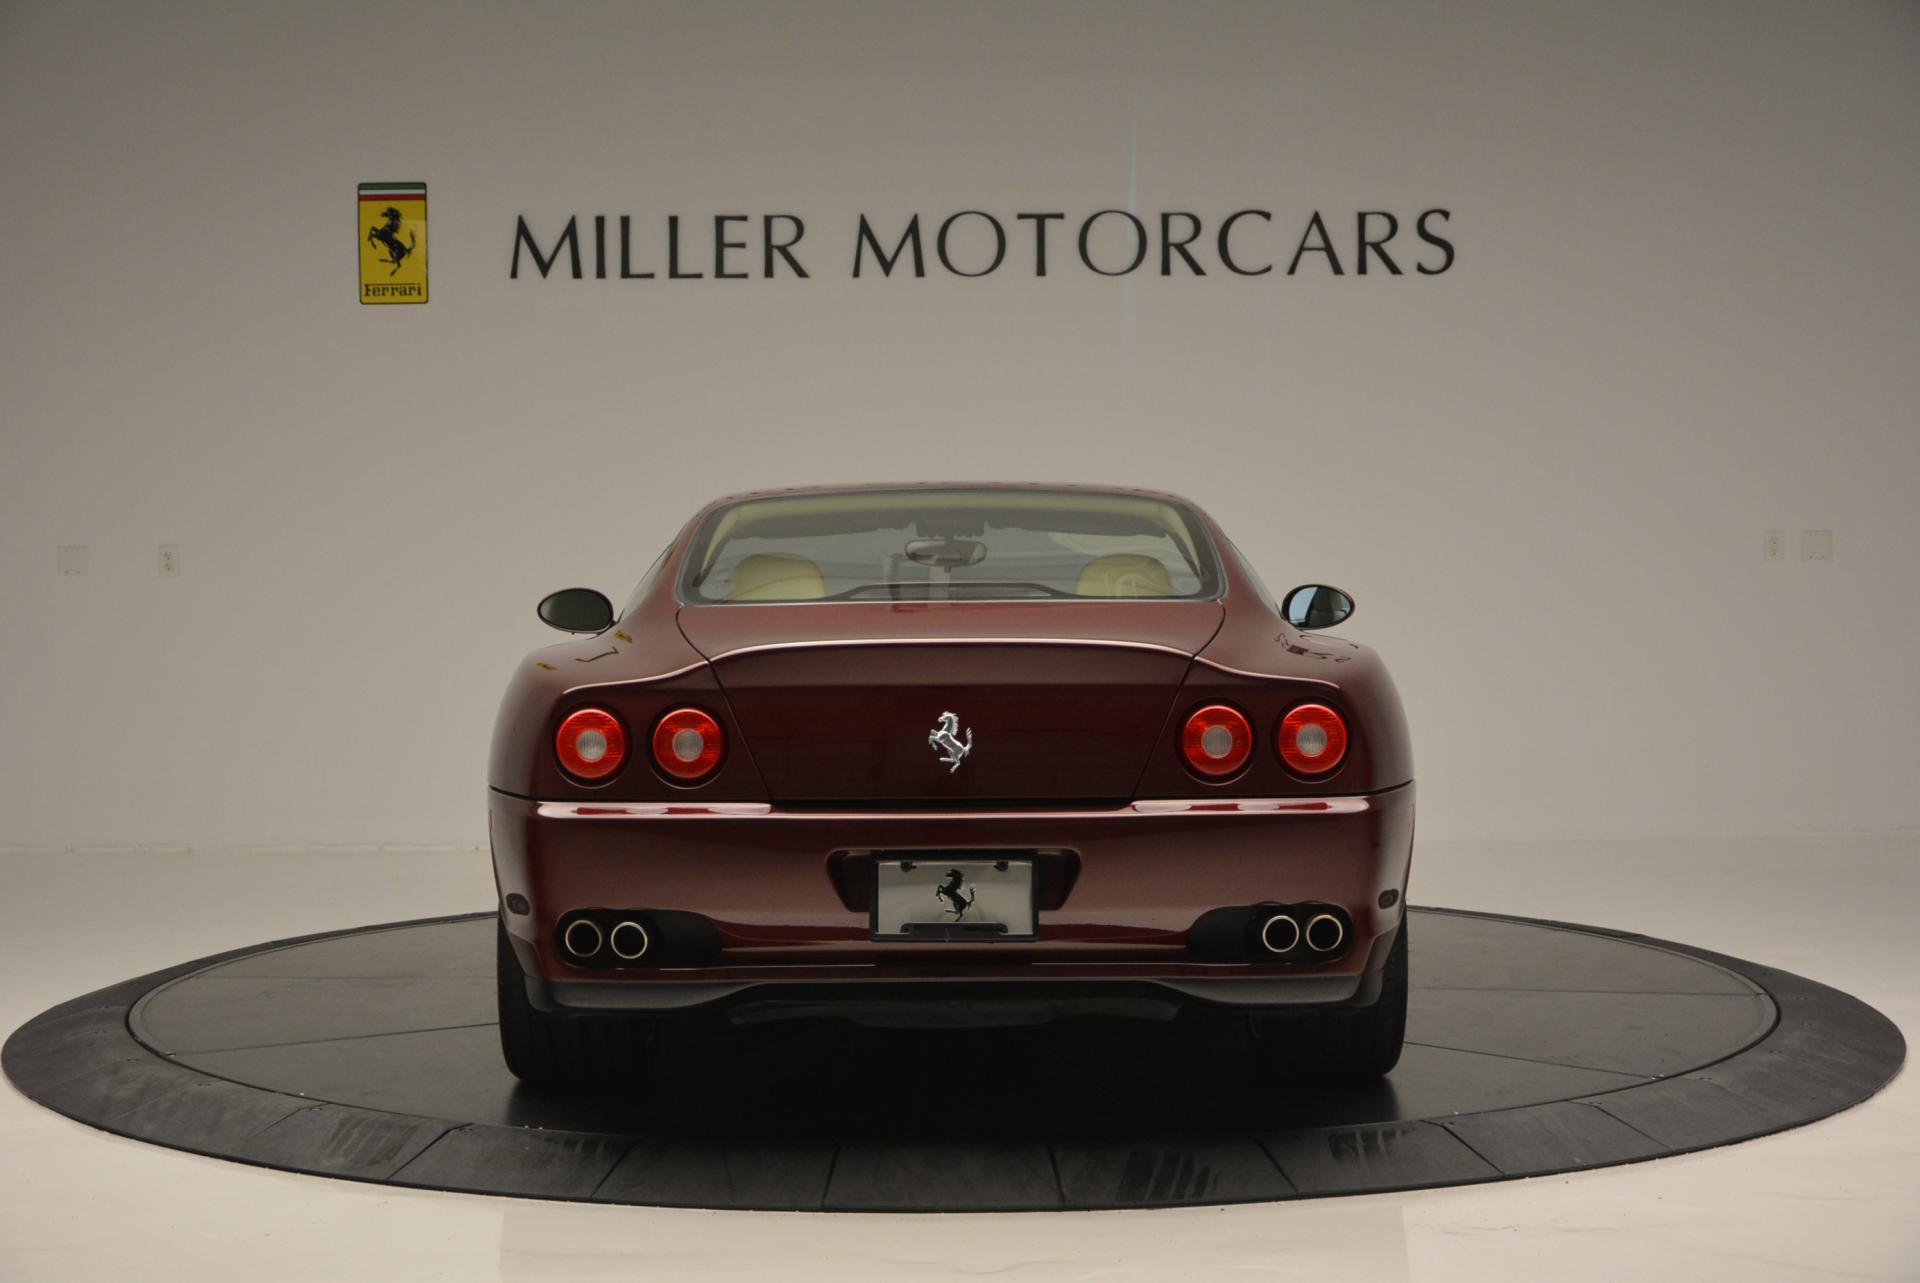 Used 2003 Ferrari 575M Maranello 6-Speed Manual For Sale In Greenwich, CT 143_p6